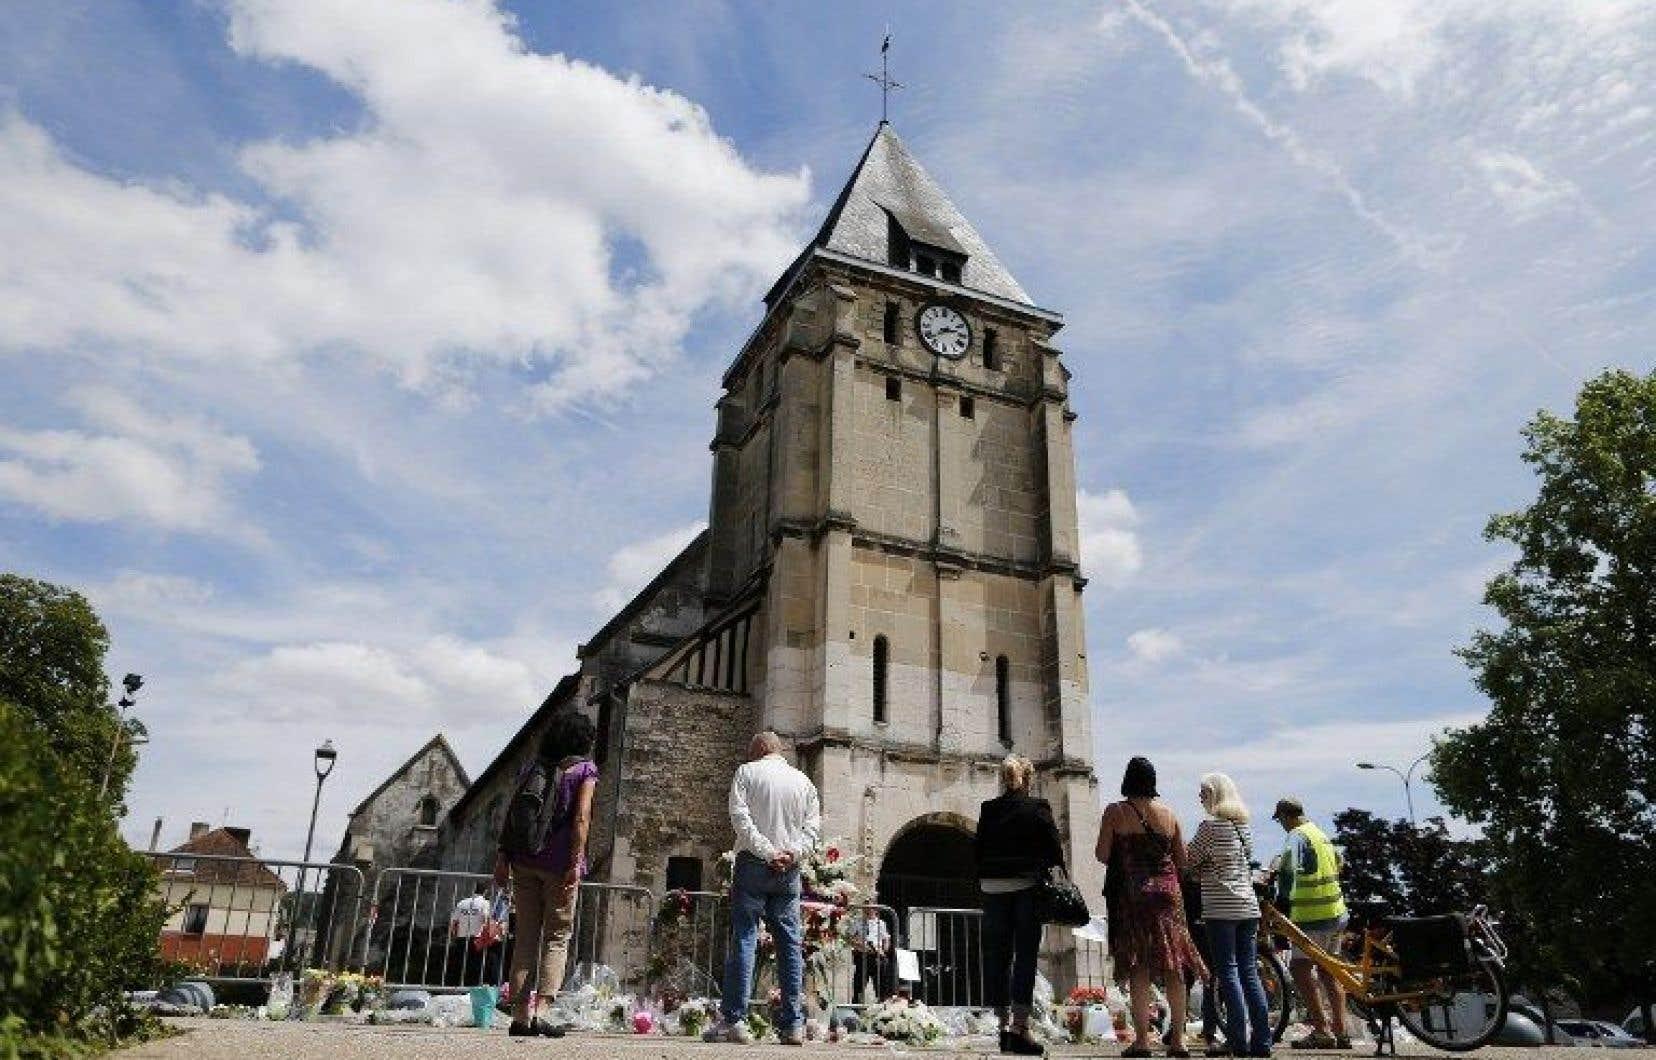 L'église de Saint-Etienne-du-Rouvray où le prêtre Jacques Hamel a été assassiné